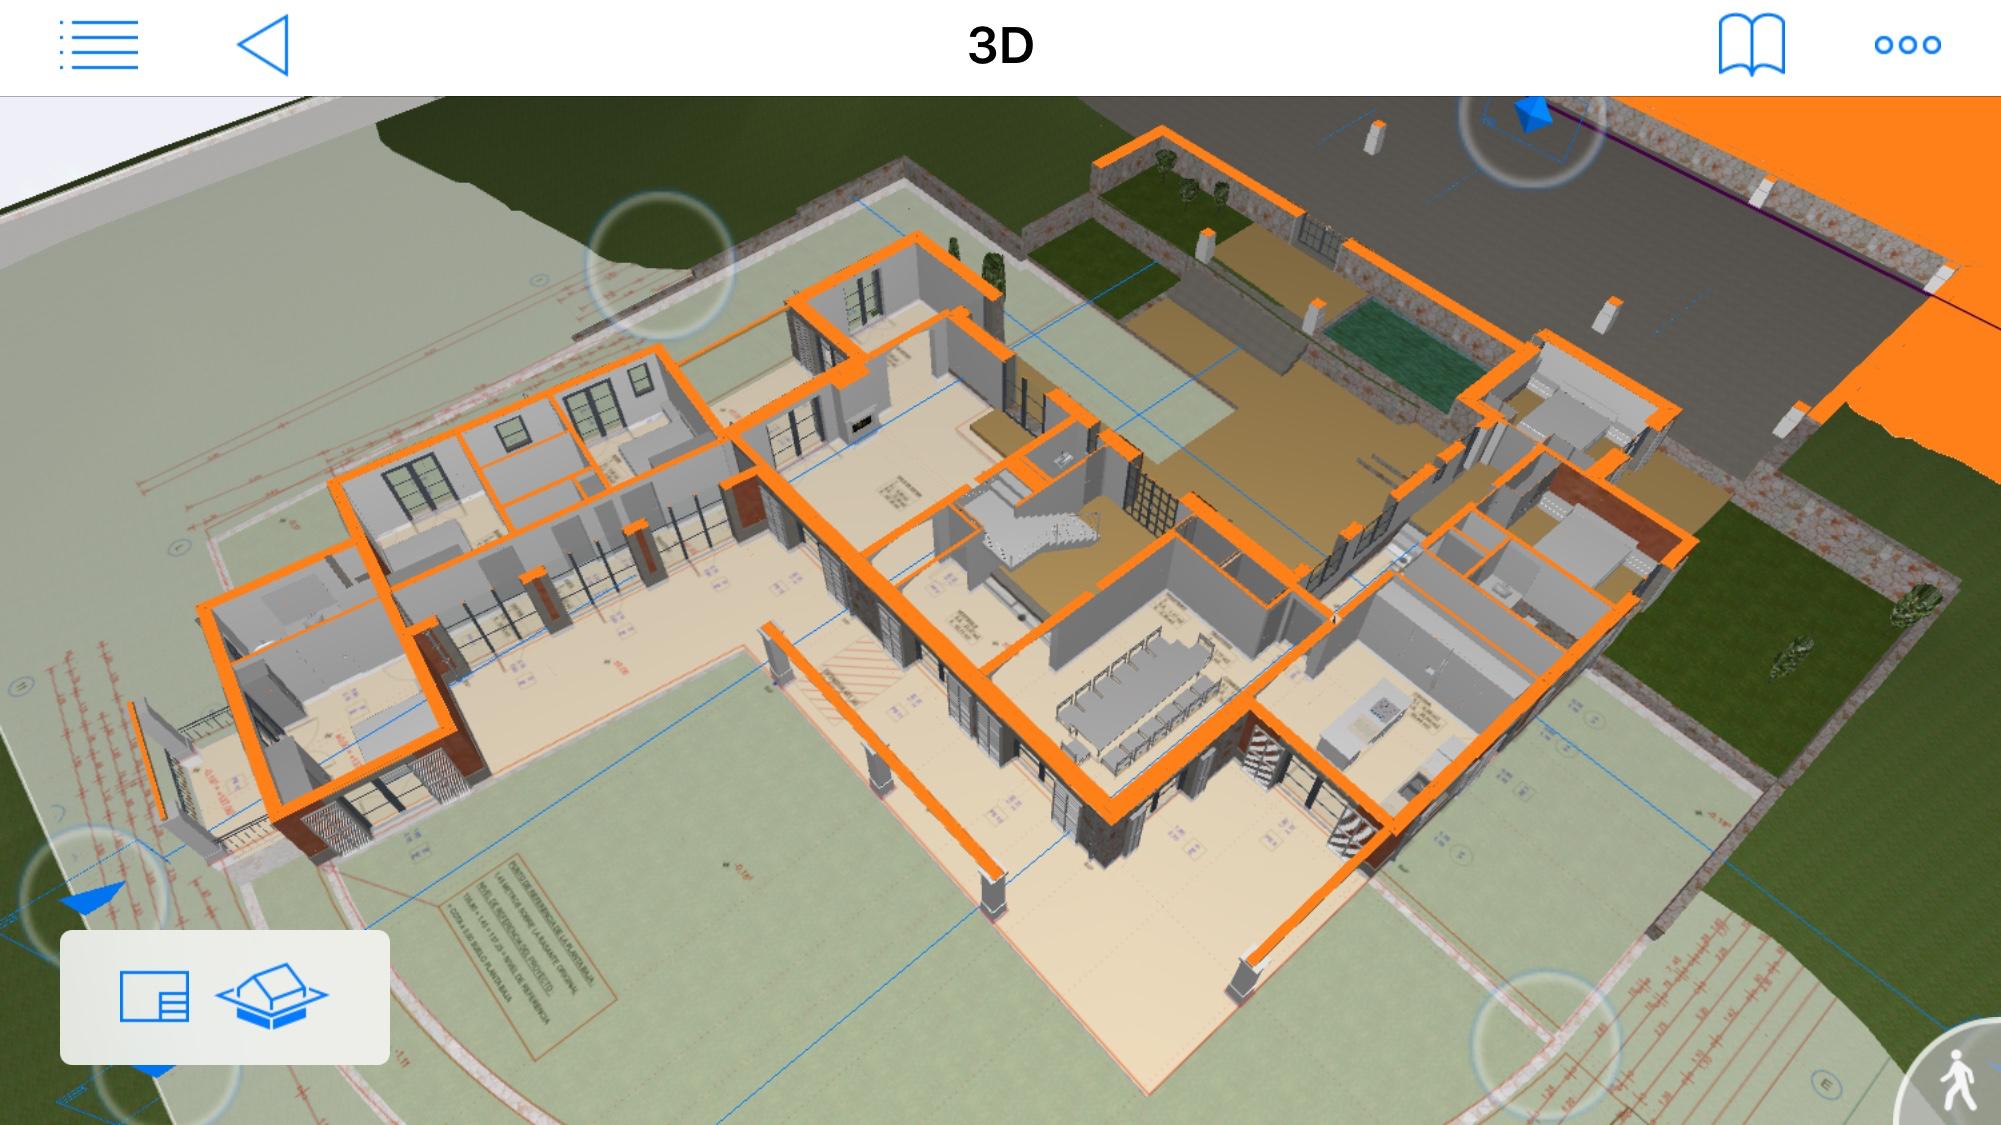 CCLA07-architektmallorca-mallorcaarchitekt-consultingmallorca-immobilienmallorca-finca-fincamallorca-ferienhausmallorca-mallorcavilla-hausmallorca-projektmanagementmallorca-baumallorca.jpg